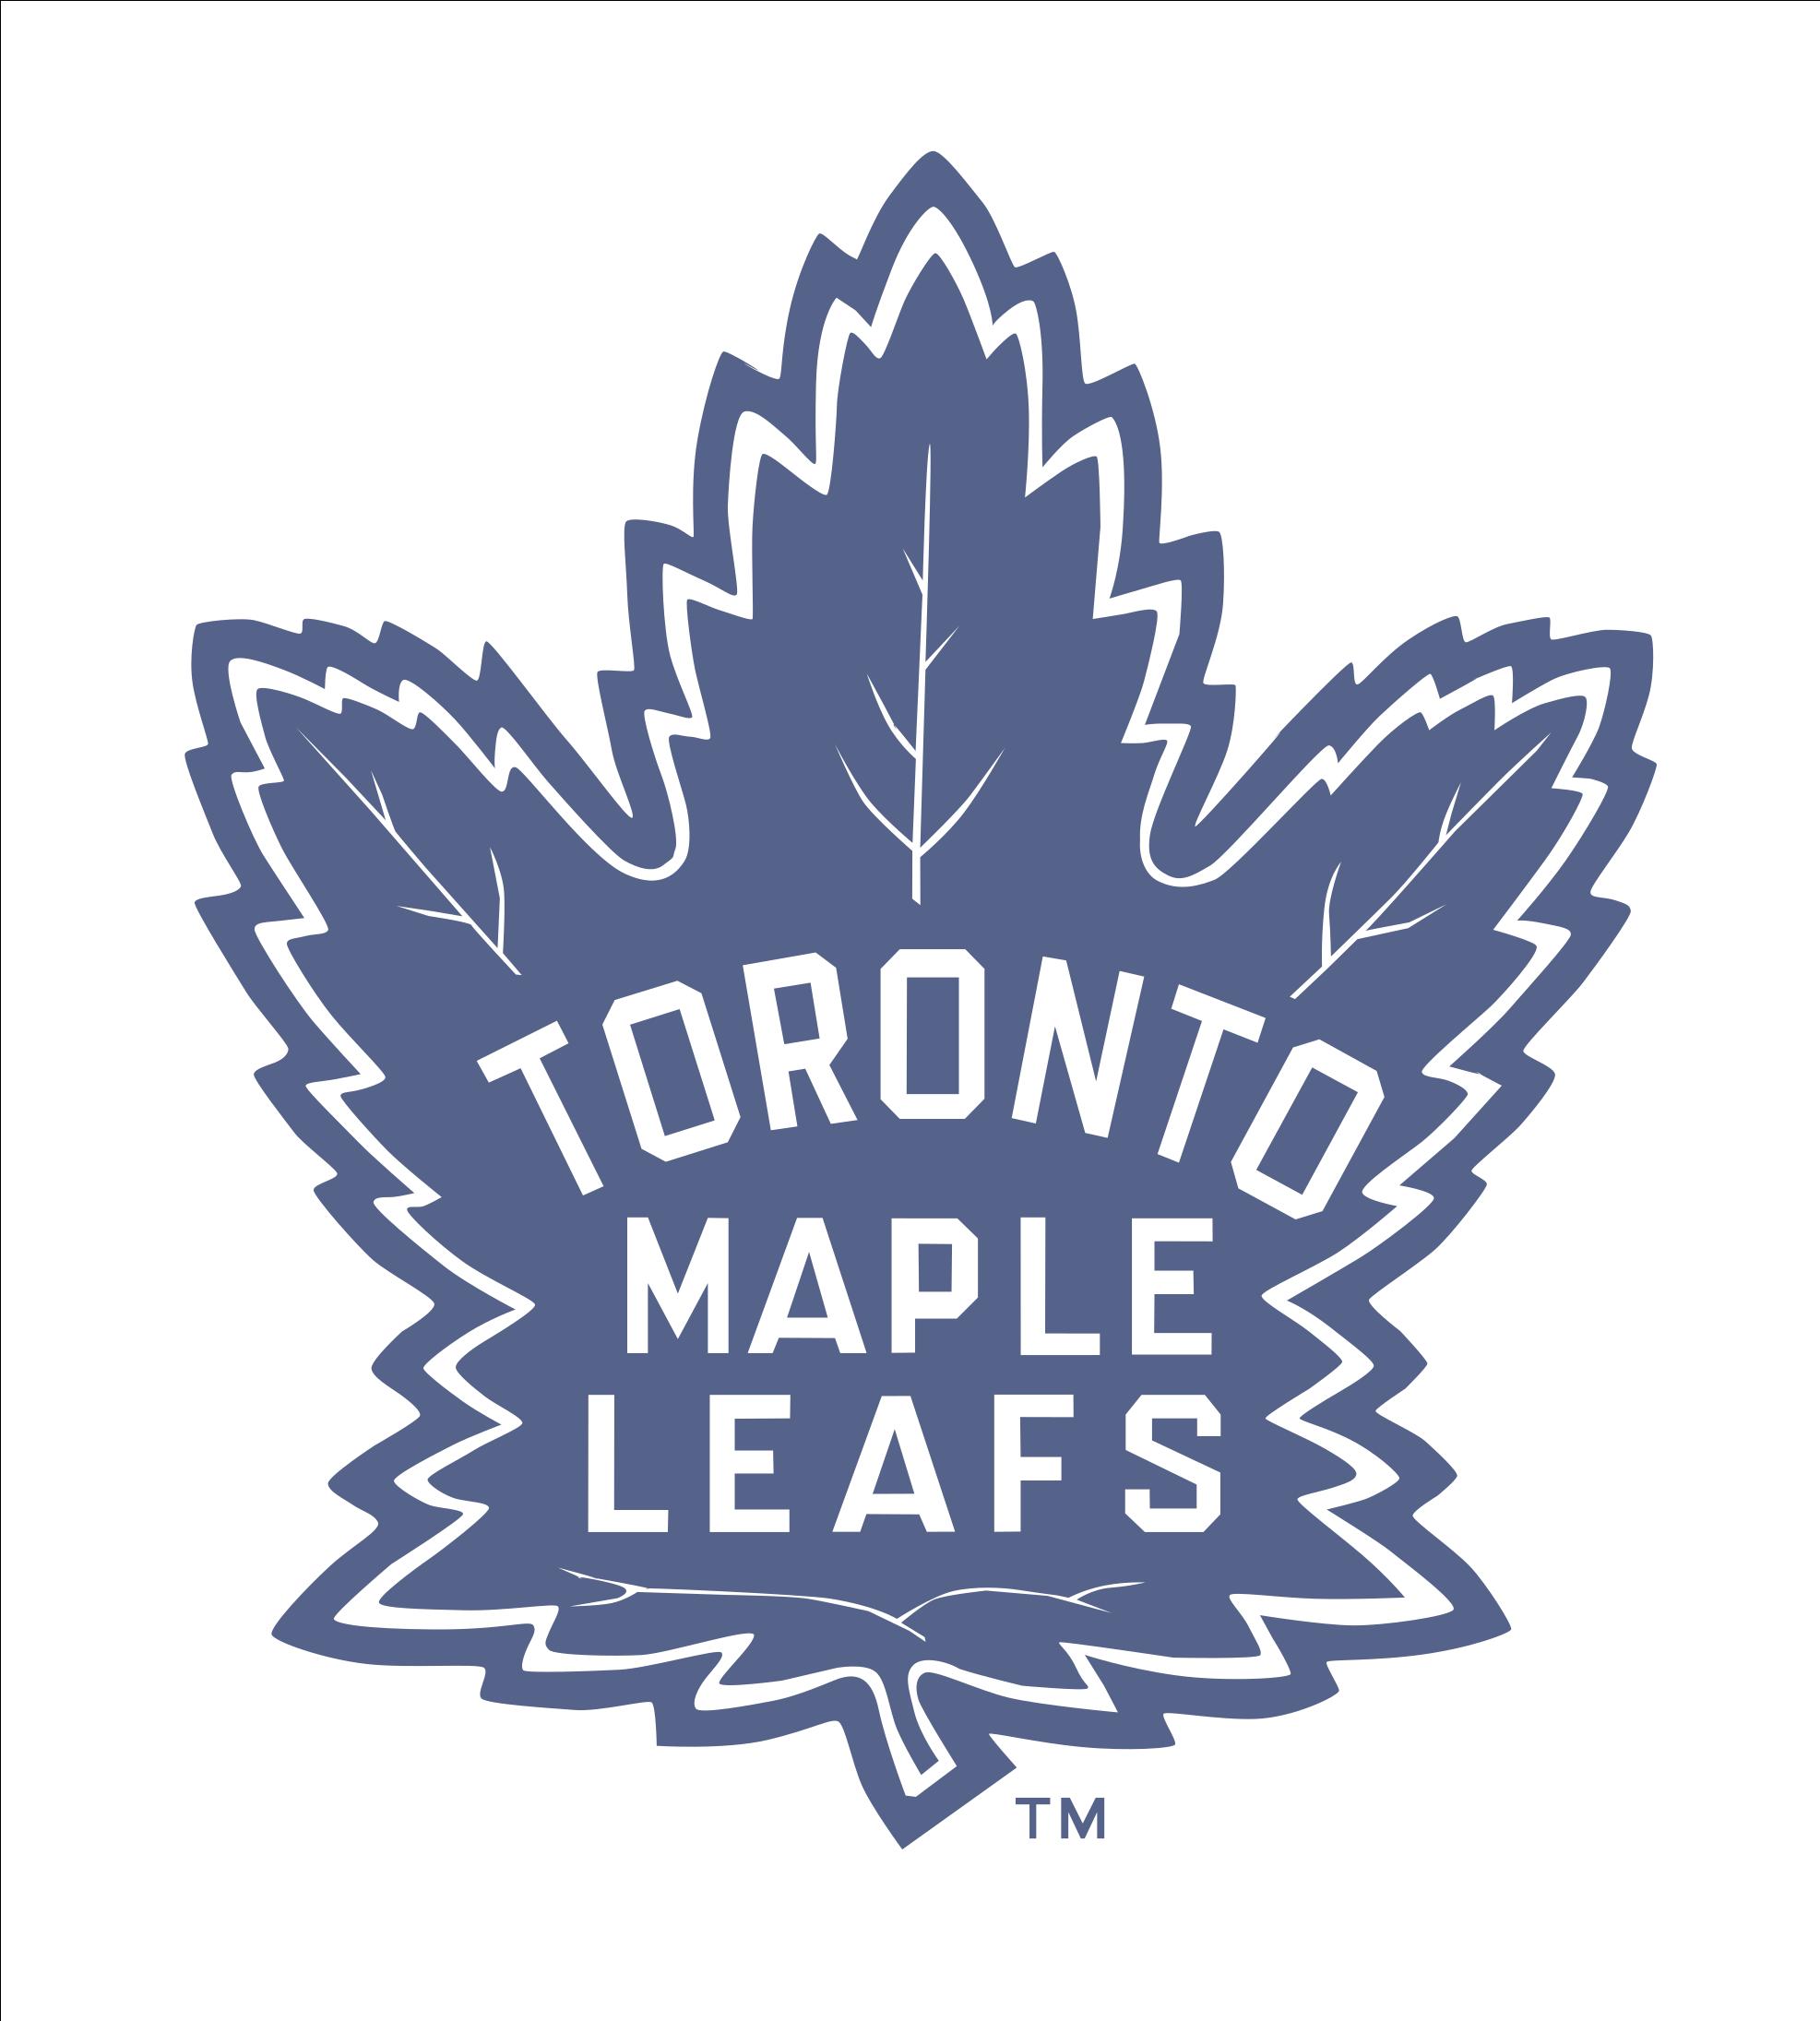 Download Toronto Maple Logo Png Transparent Svg Freebie Logo Toronto Maple Leafs Png Image With No Background Pngkey Com